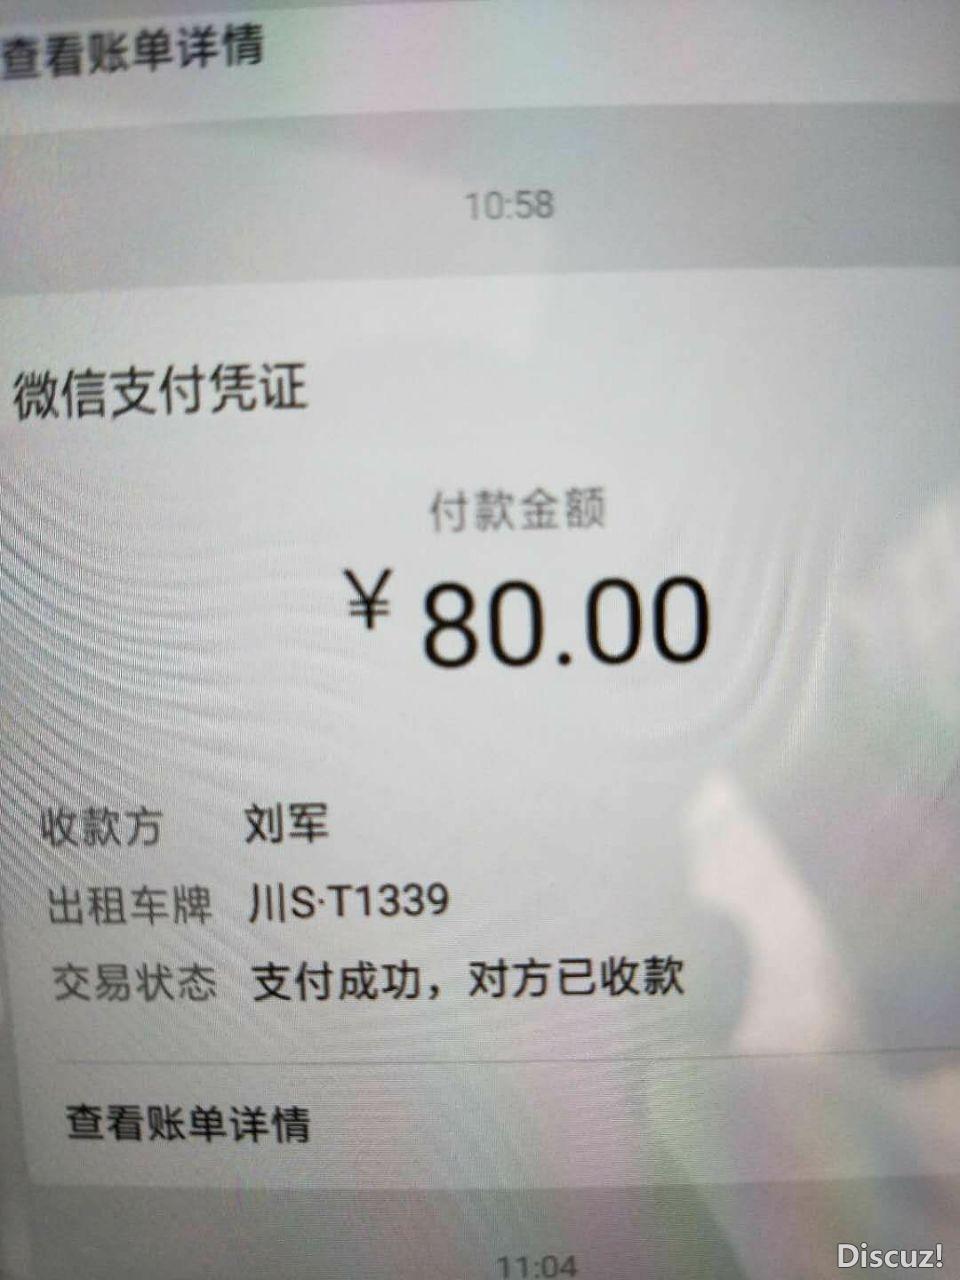 利通出租车公司川ST1339.驾驶员刘军。本人有一